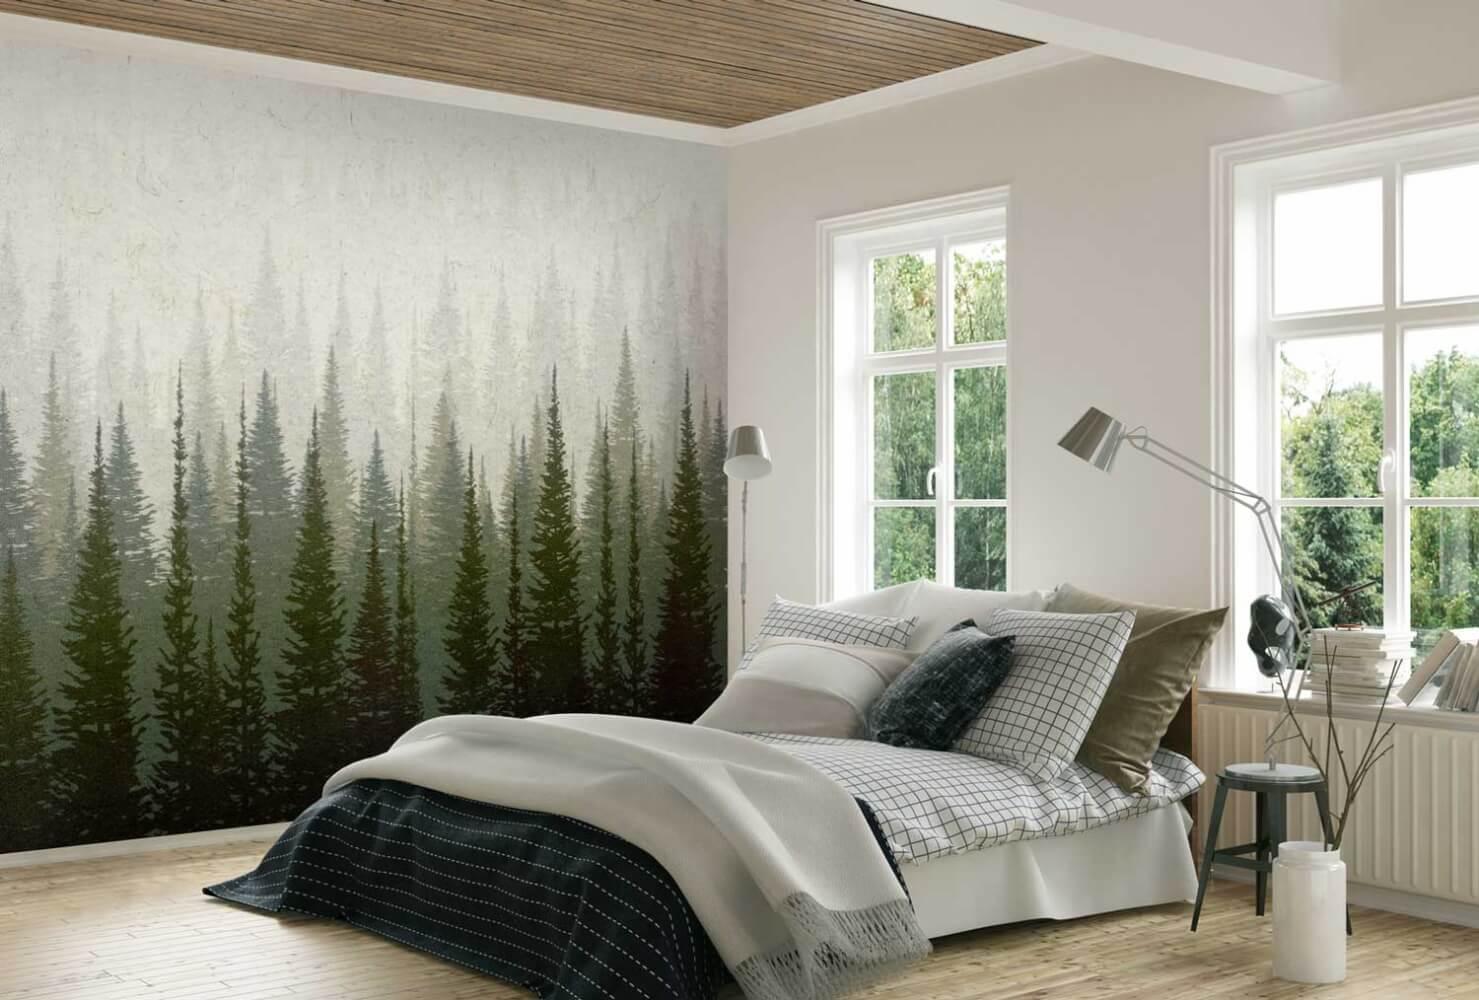 papier peint 100 lin naturel pour une d co saine et. Black Bedroom Furniture Sets. Home Design Ideas